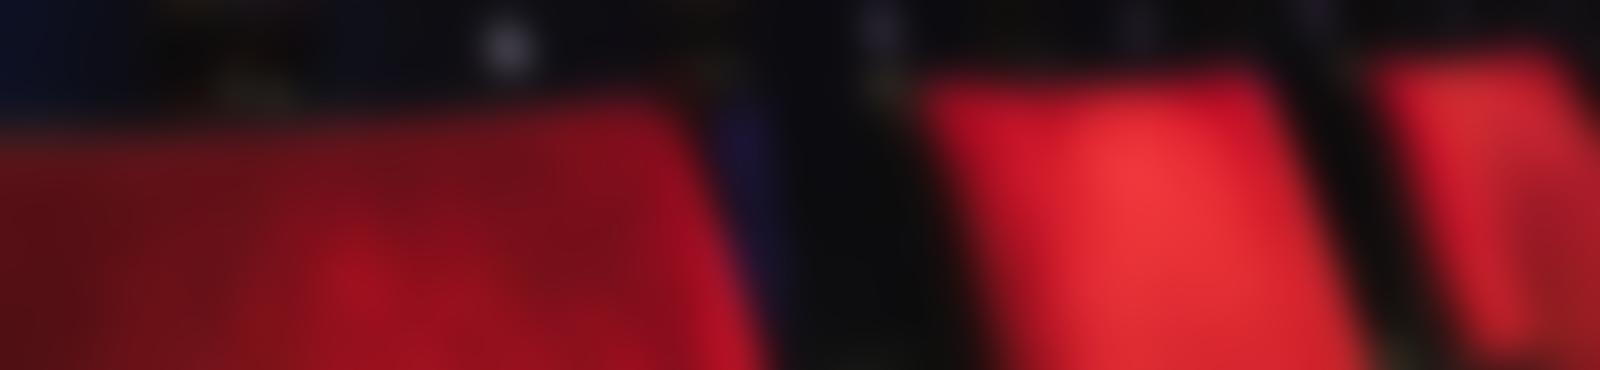 Blurred 1fbd3d98 7044 4ed2 808f 18ab68e845c9